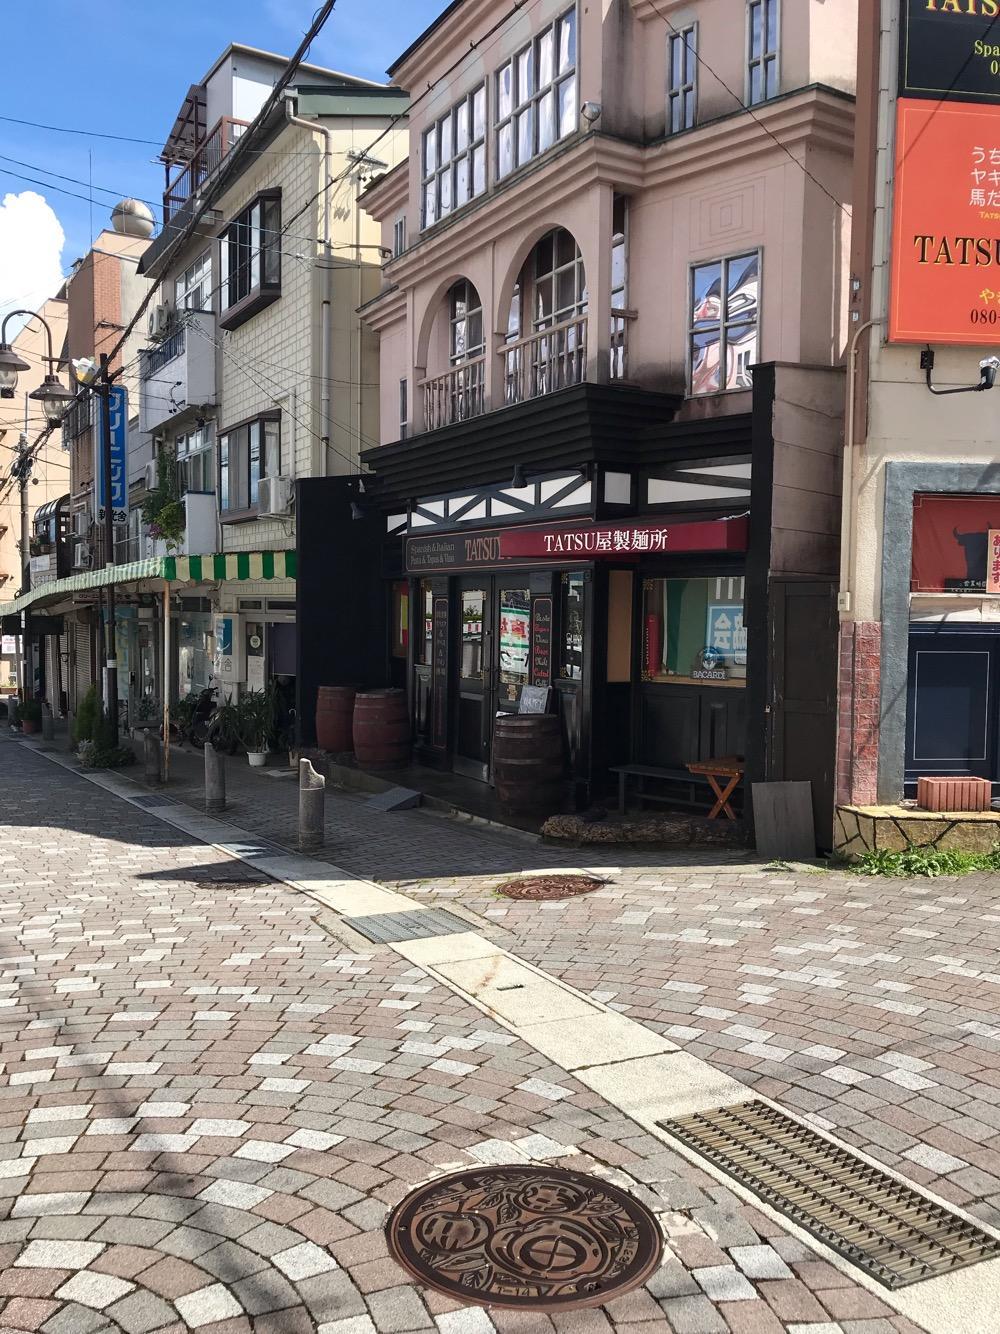 長野県飯田市のマンホールの蓋と俺流生パスタ&ワヰン酒場 TATSU屋製麵所の建物外観